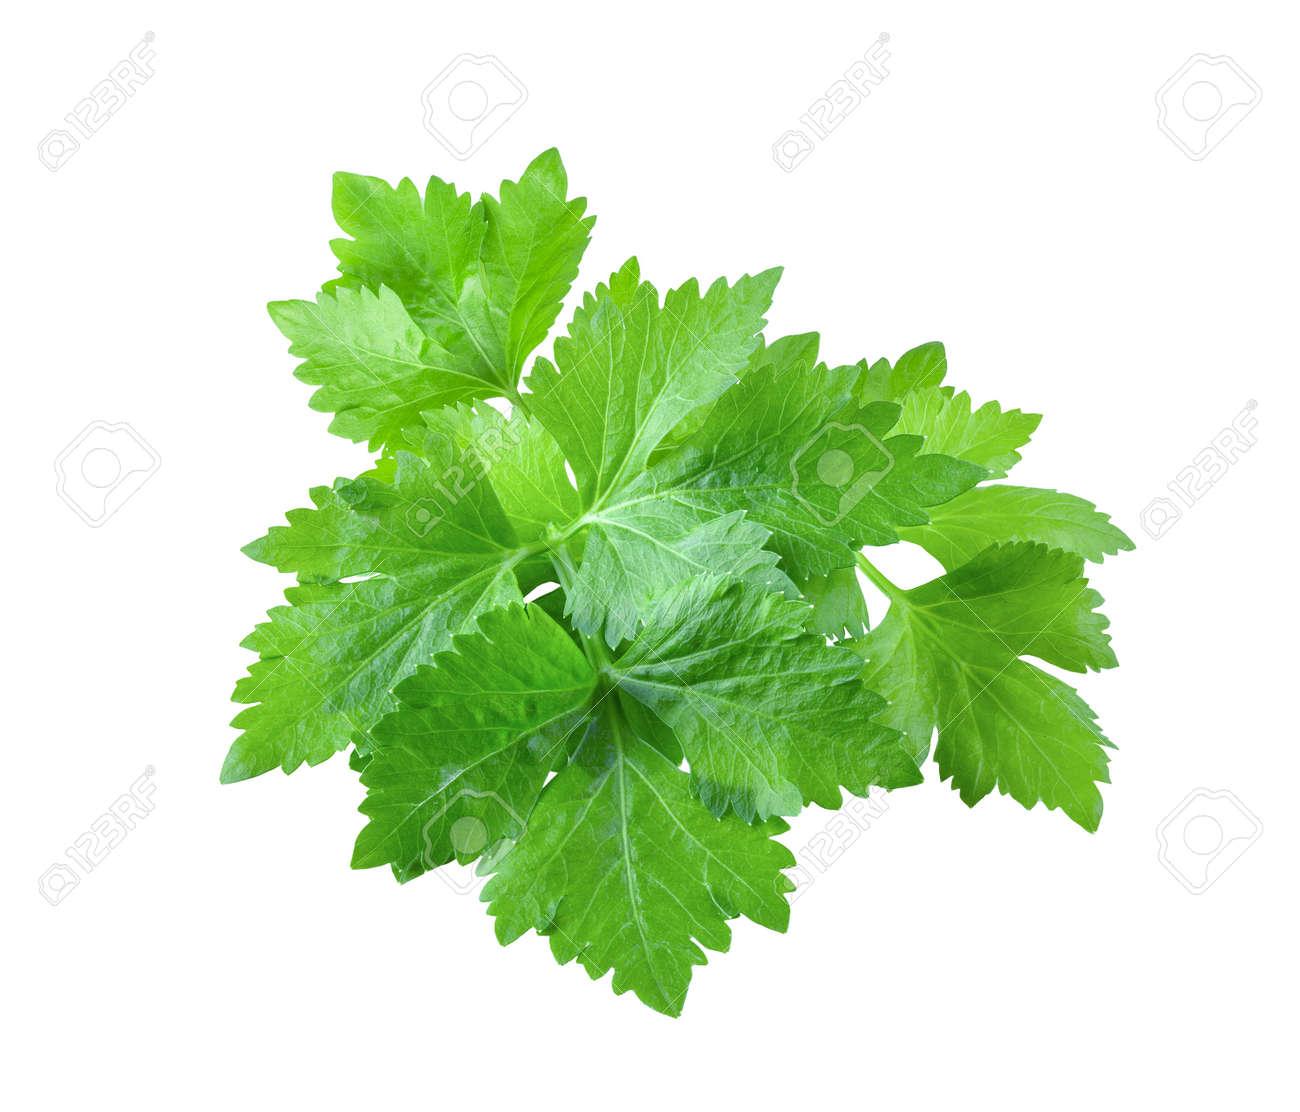 Celery leaf isolated on white background - 156628274